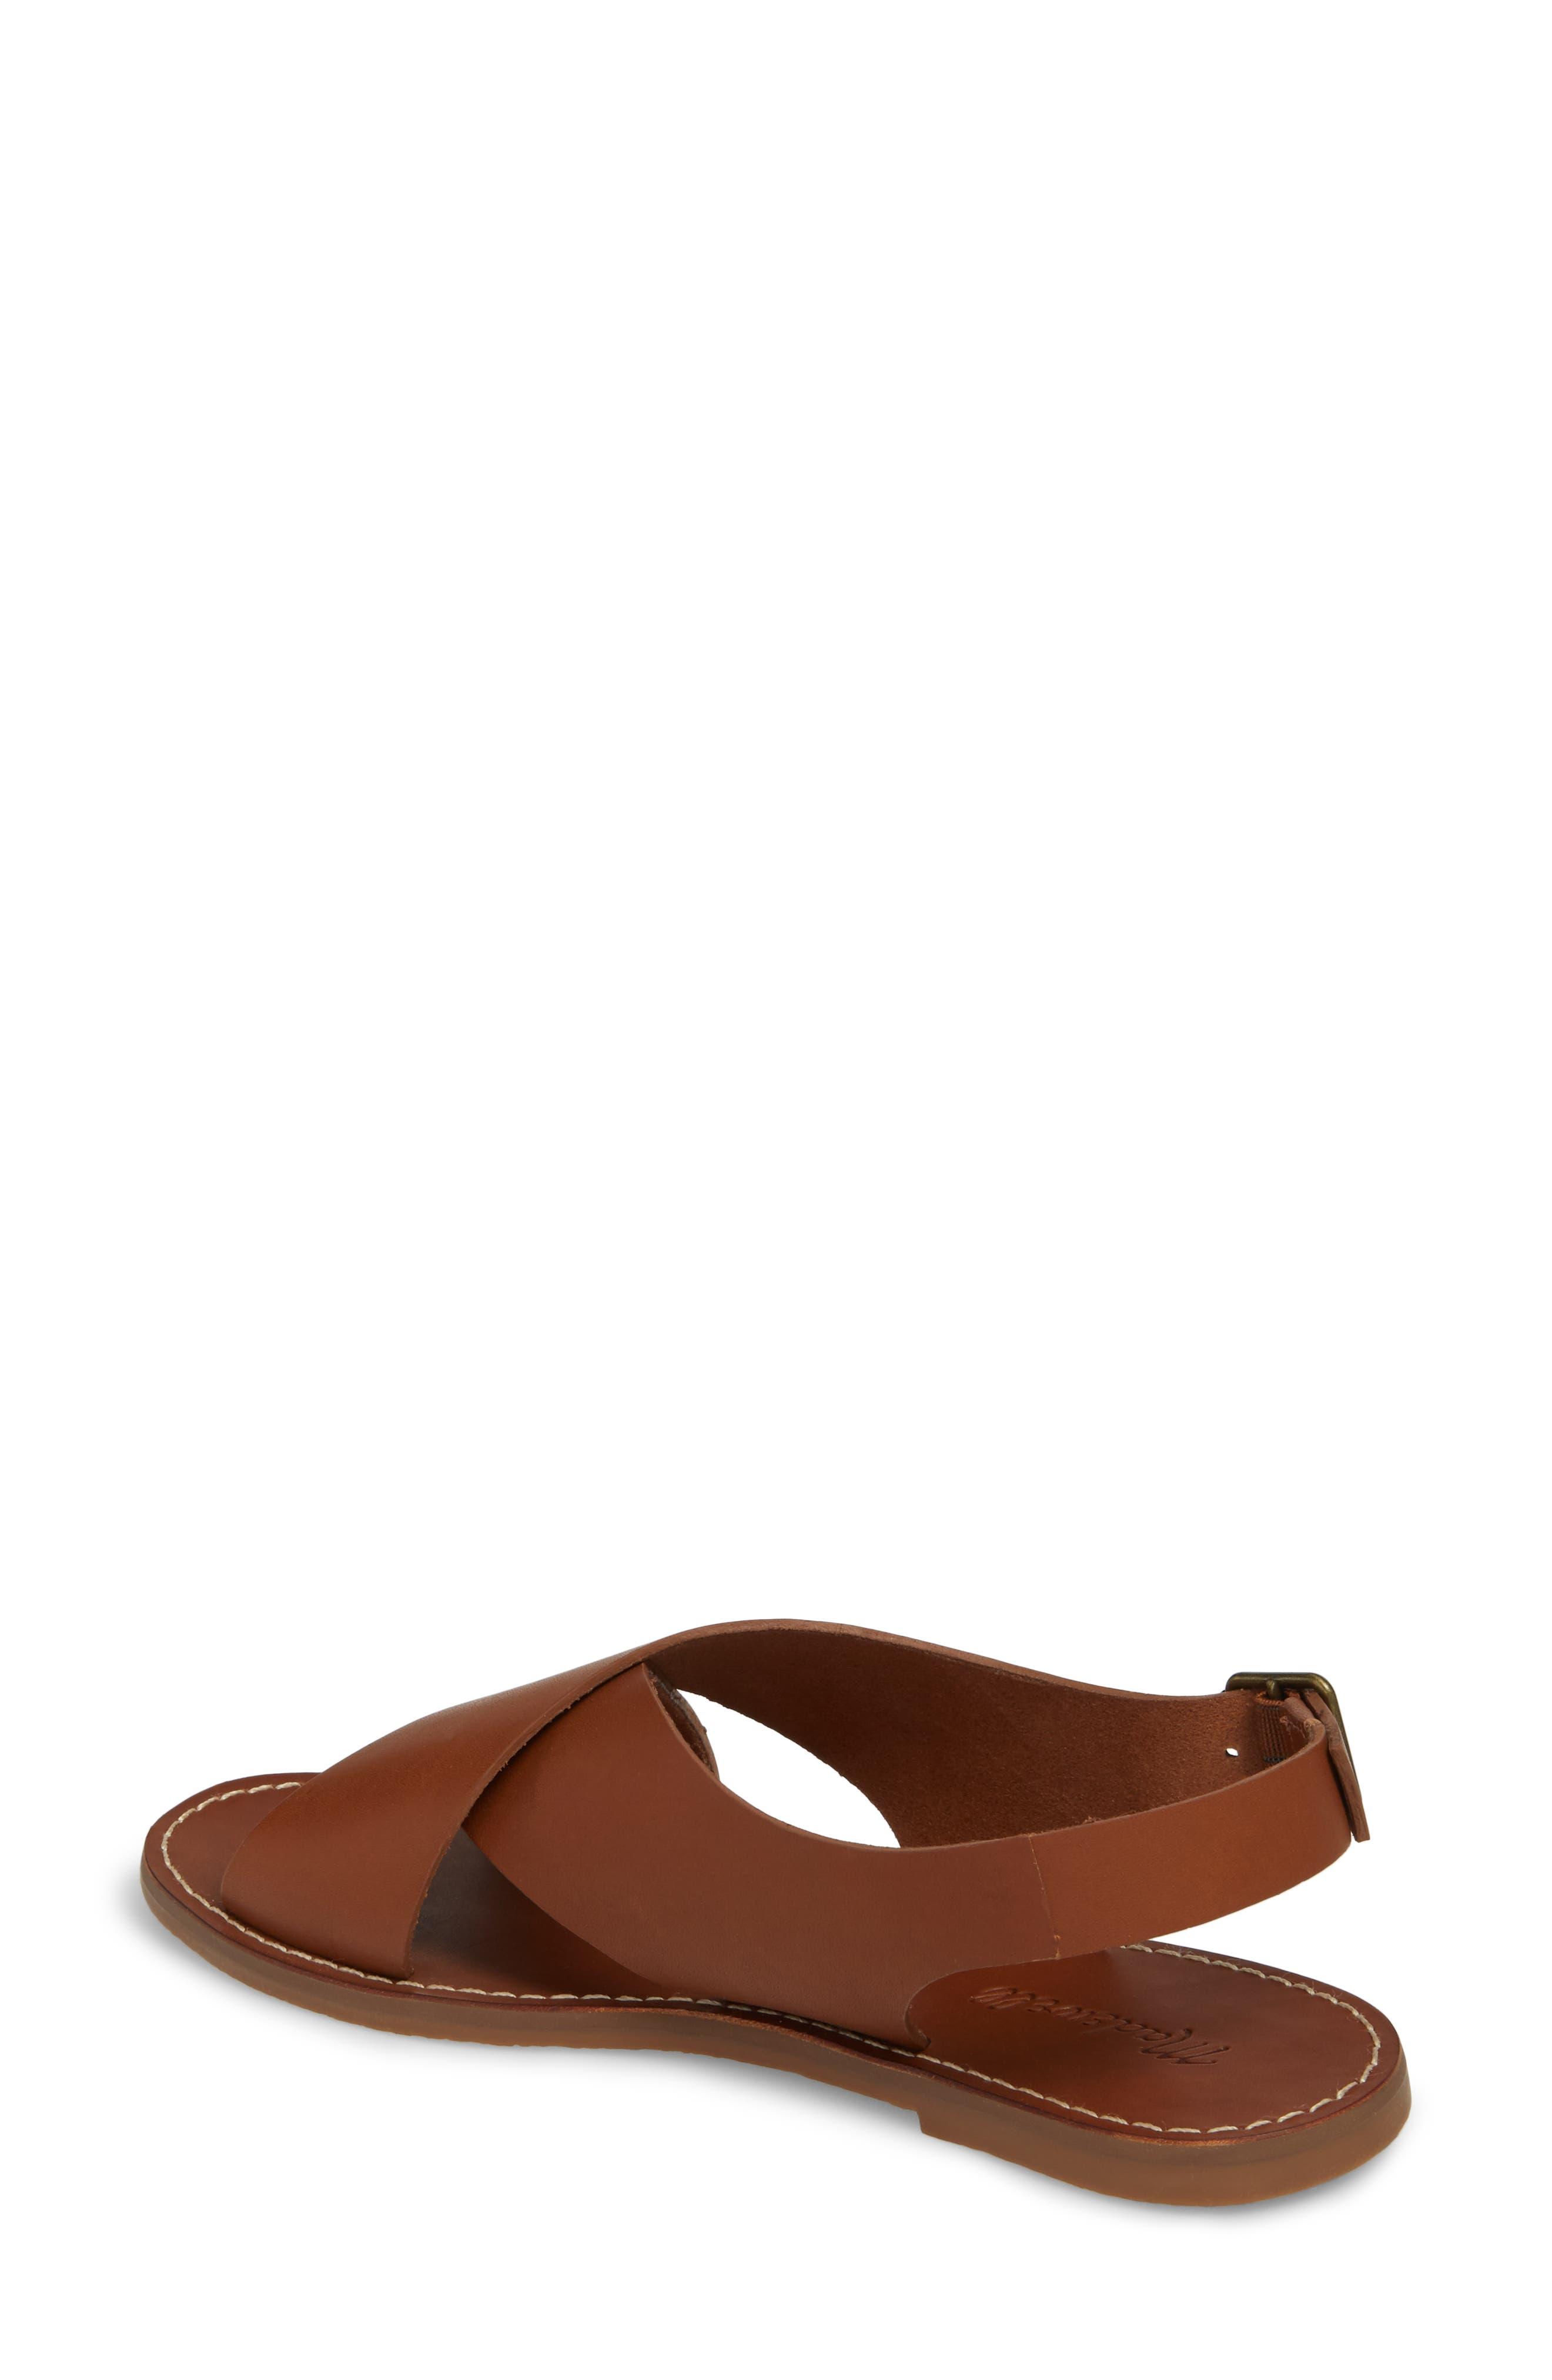 a6dc55c61 Women s Madewell Sandals